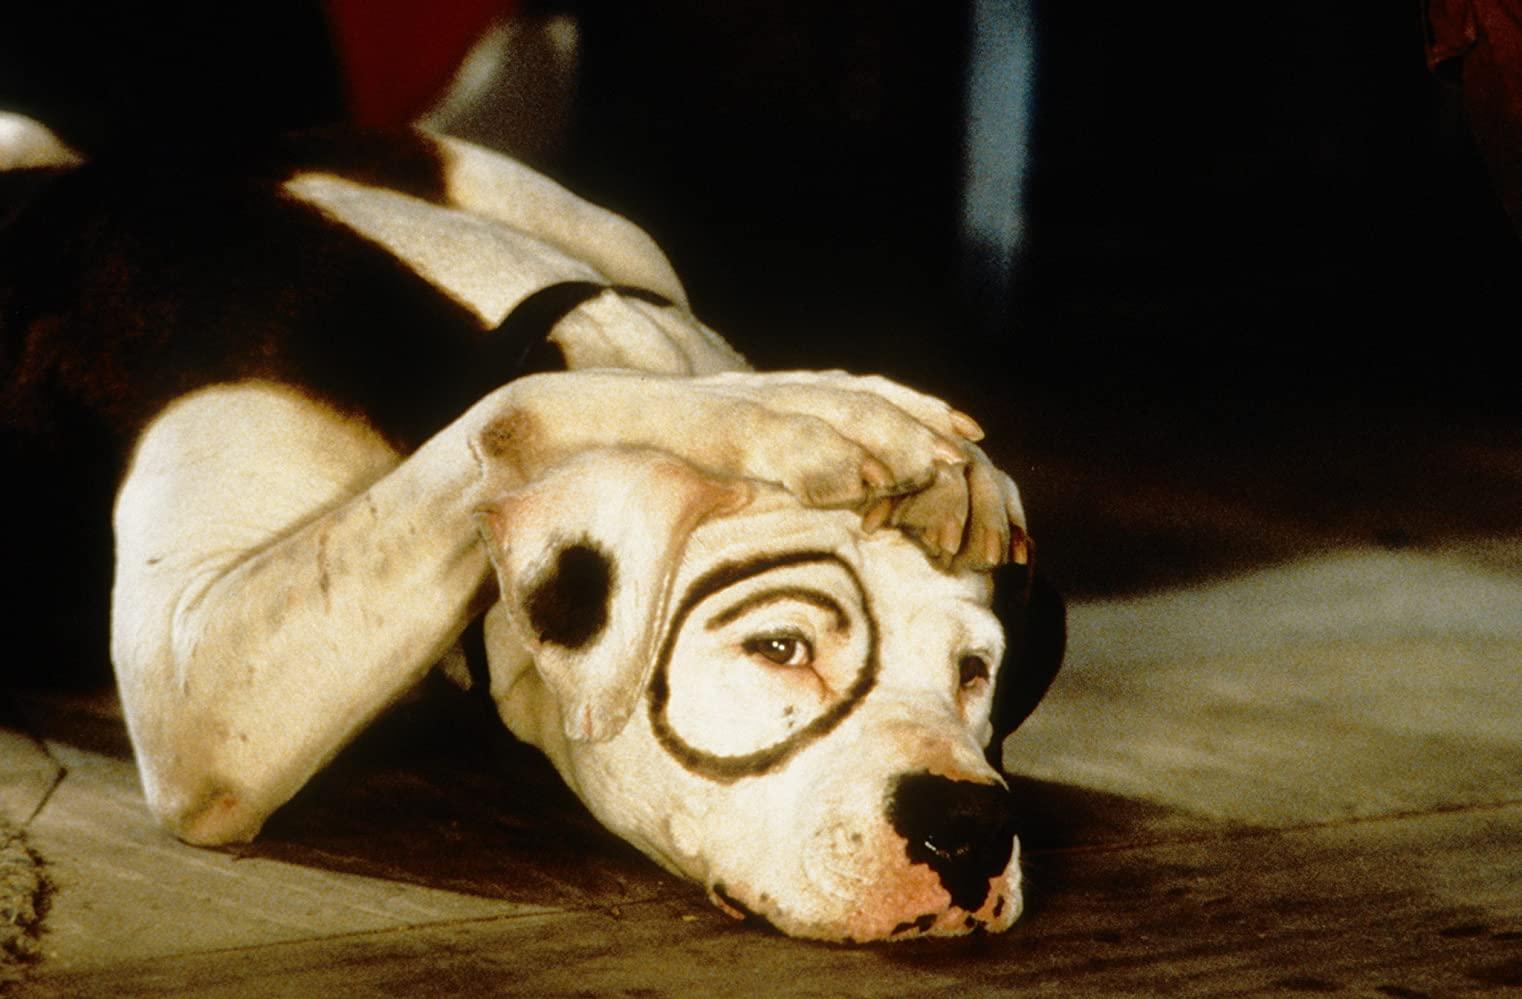 """Teraz coś trudniejszego. Pamiętacie jak nazywał się pies z filmu """"Klan urwisów""""?"""